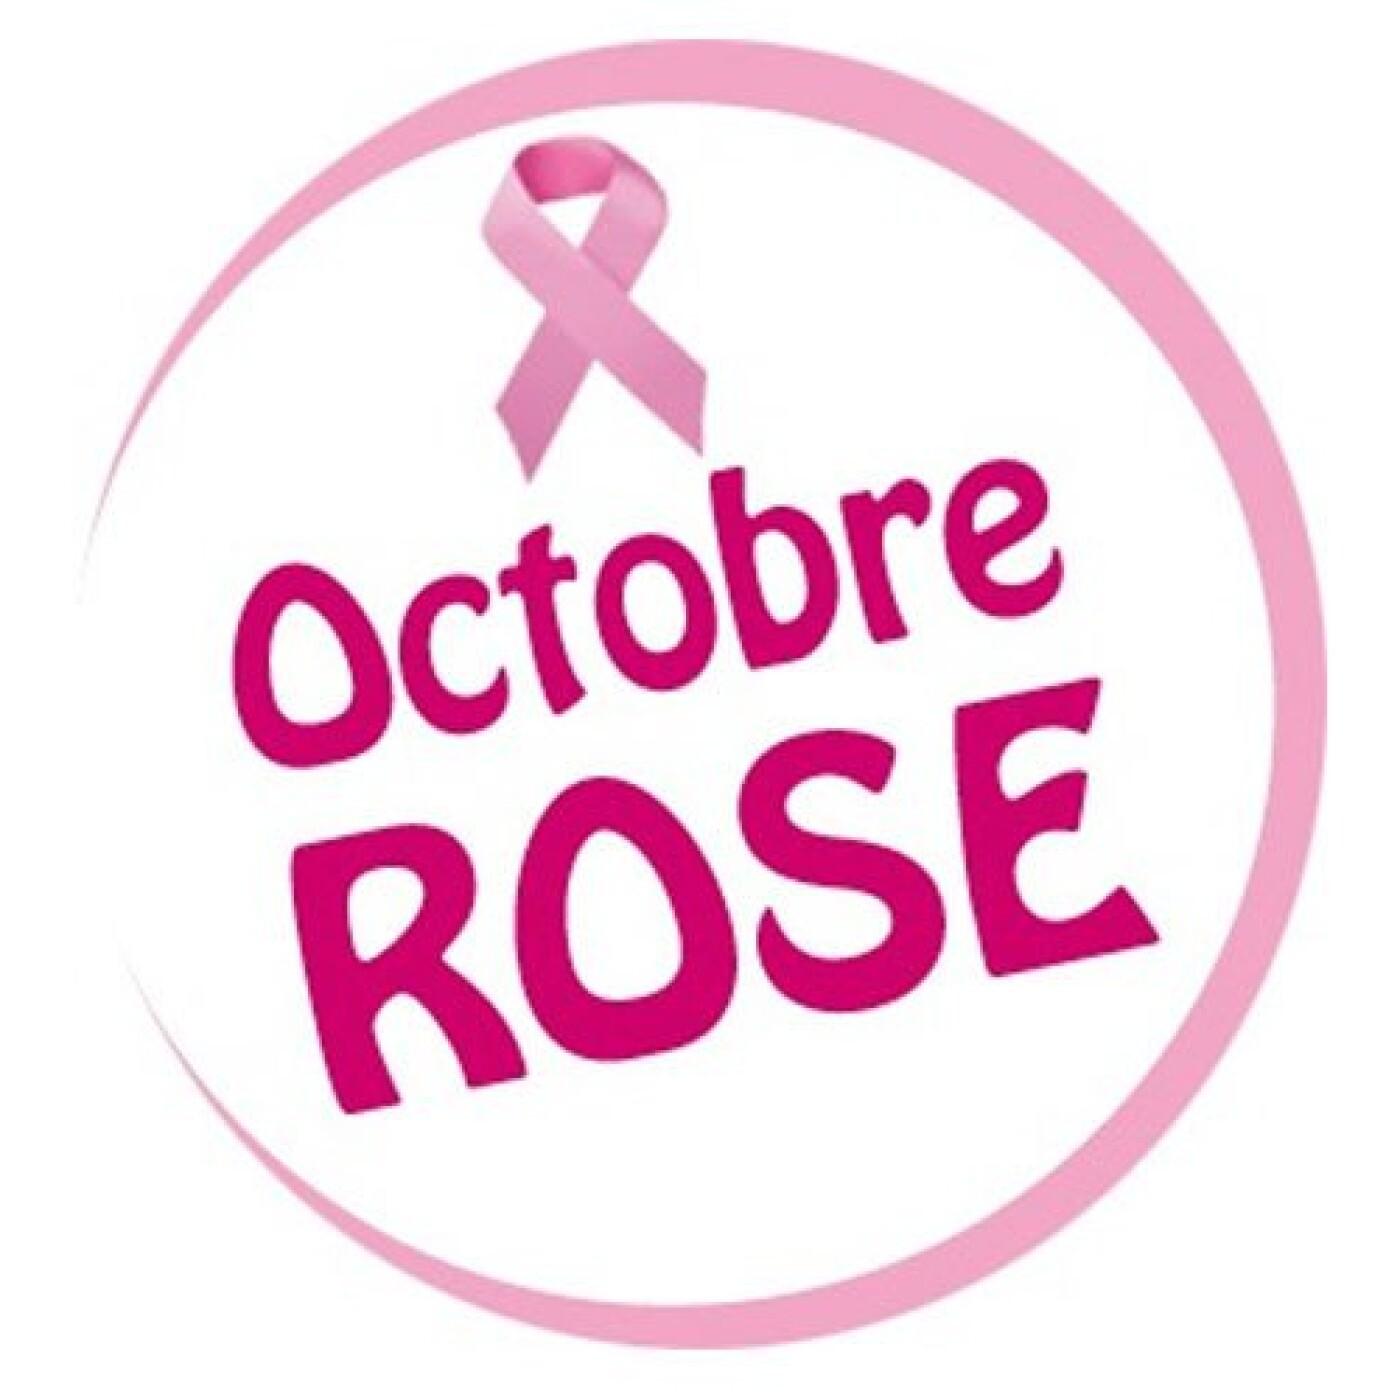 Pour Octobre Rose, Jocelyn organise une opération de lutte contre le cancer - 08 10 2021 - StereoChic Radio